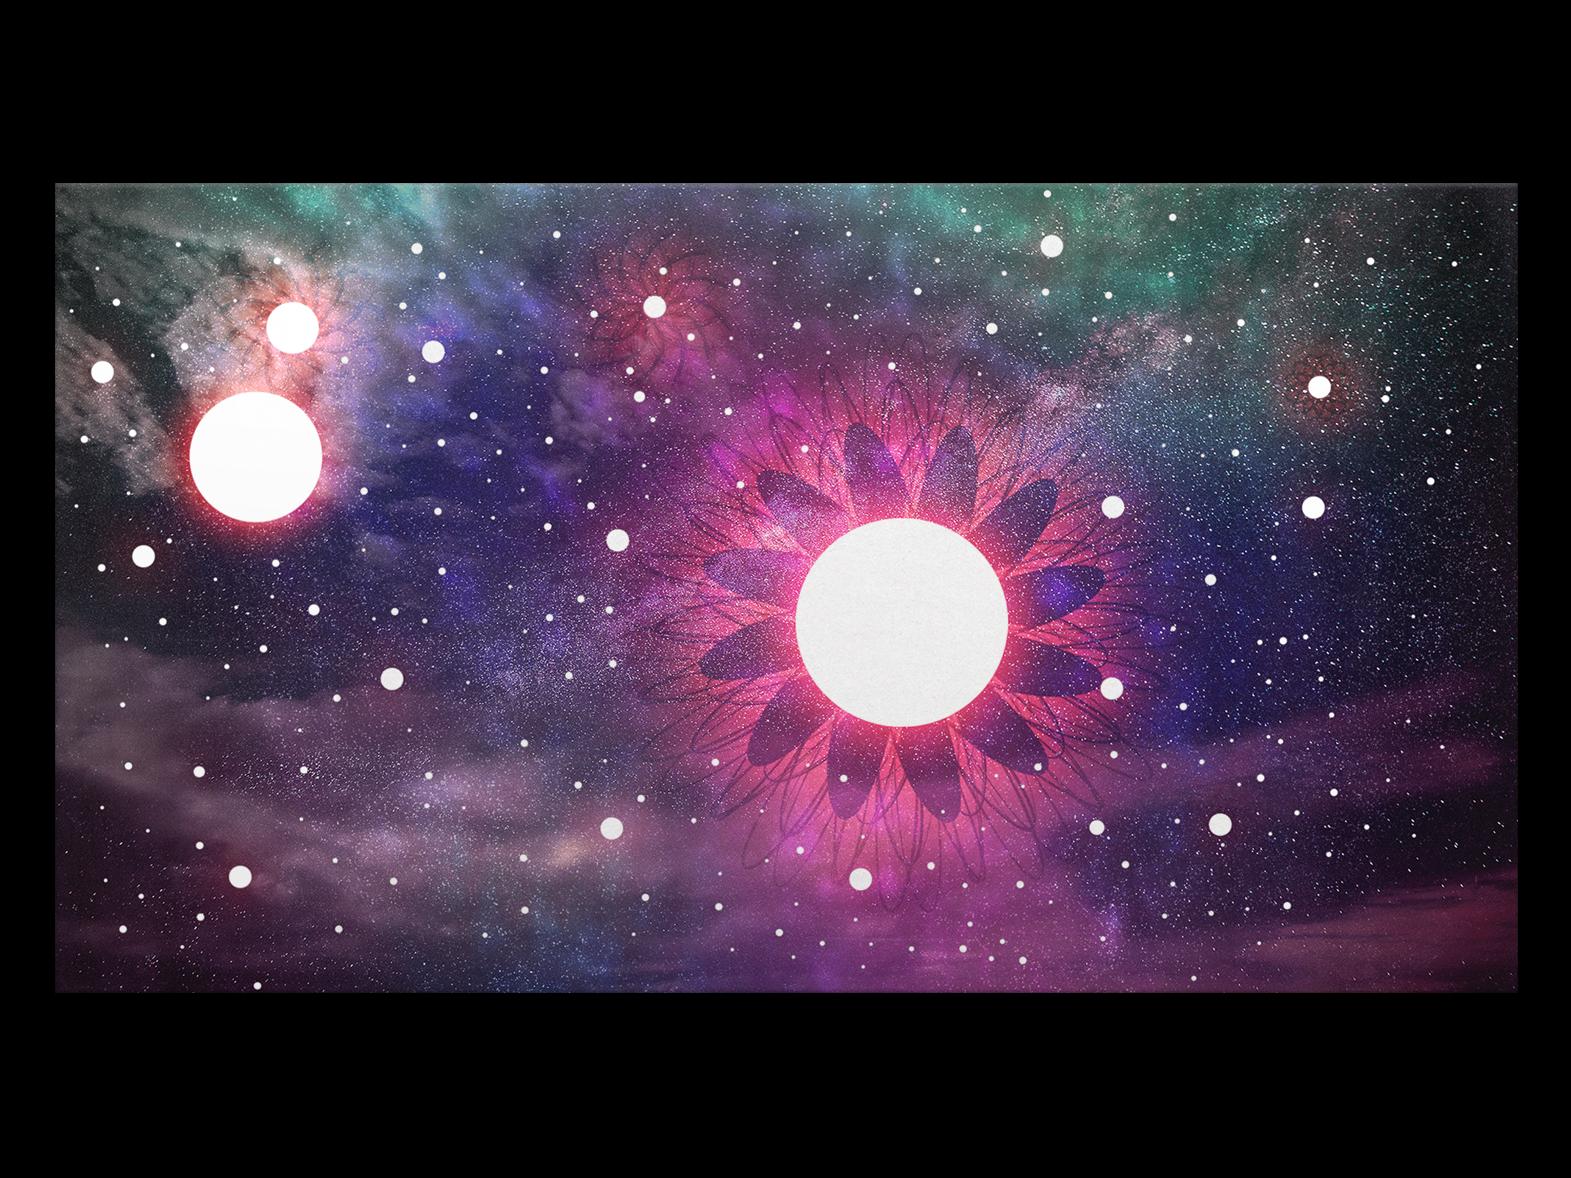 αστρικό ουρανό III photoshop black calm flower neon cloud space light geometry gradiant abstract album cover design album cover album artwork album art album color illustration lachute design